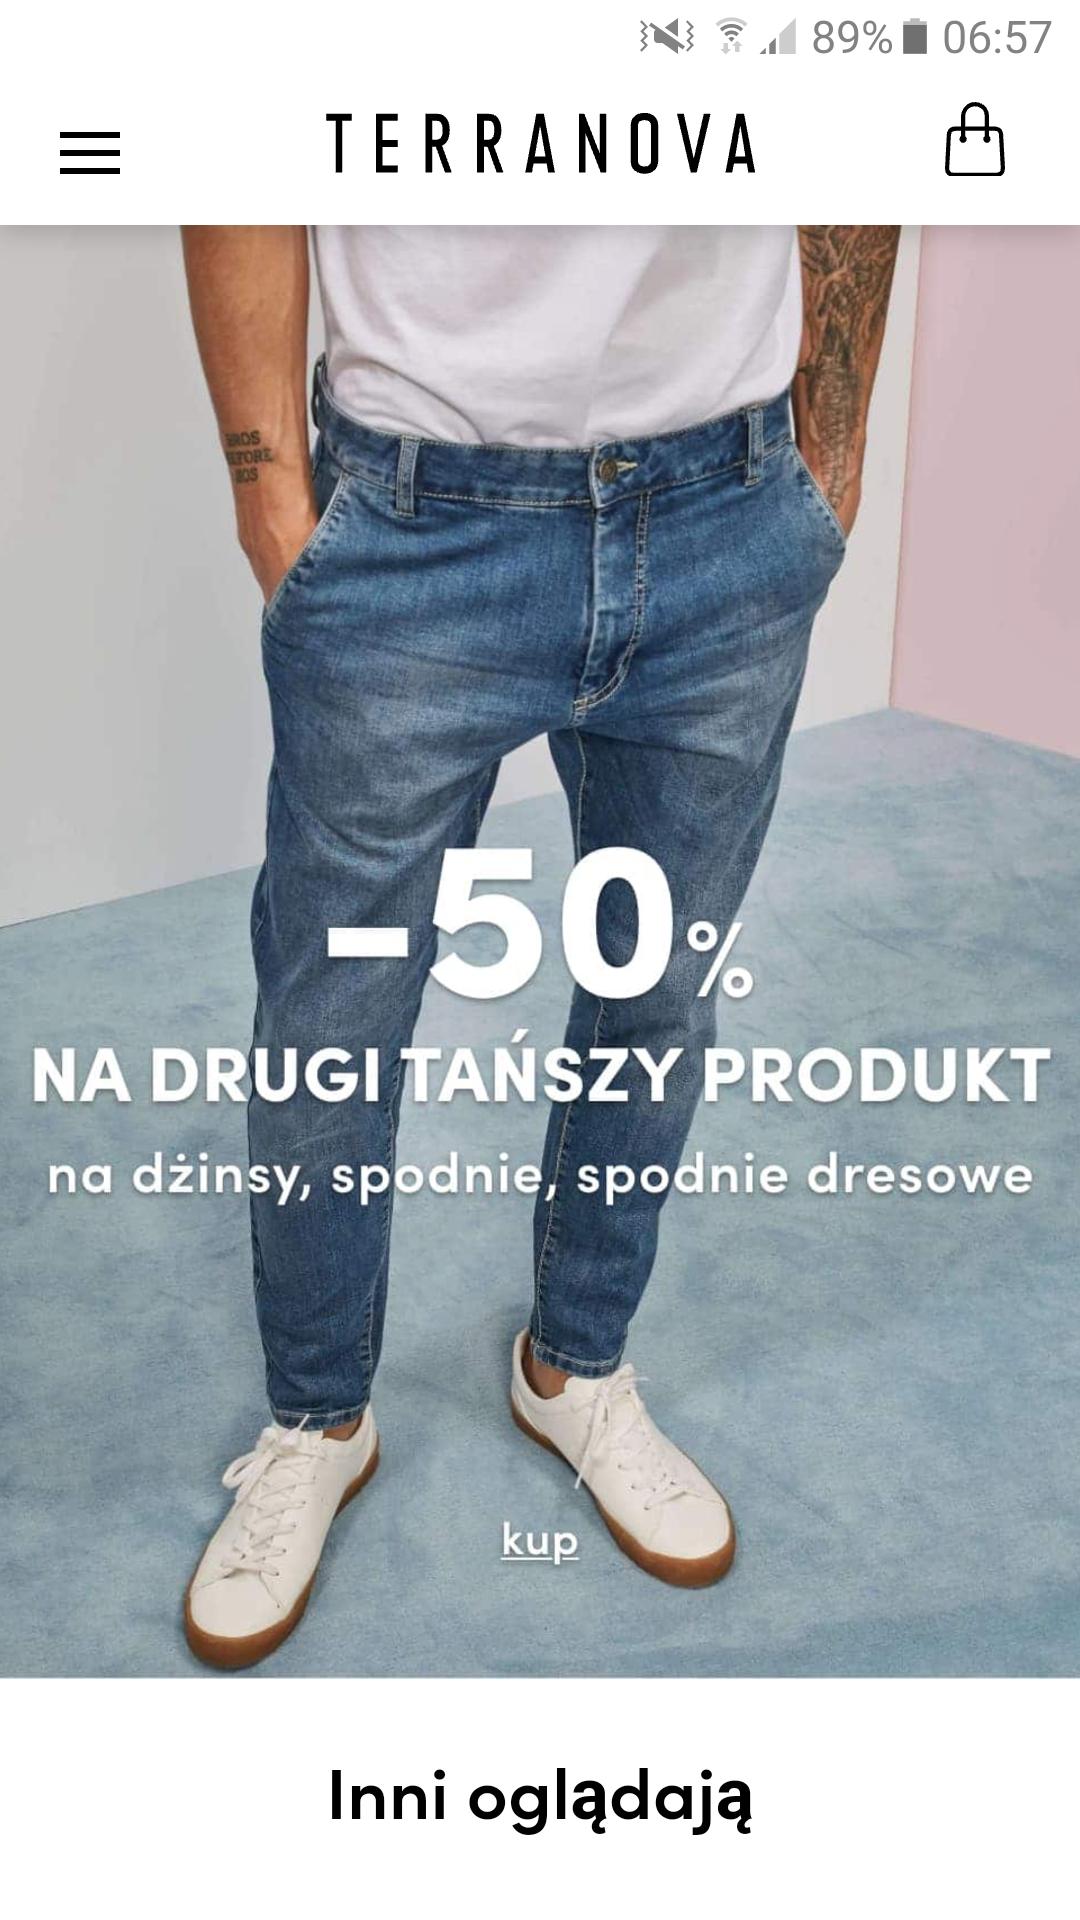 Terranova - 50% mniej na drugi tańszy produkt + 20% upust z okazji dnia dziecka (w sklepie stacjonarnym)